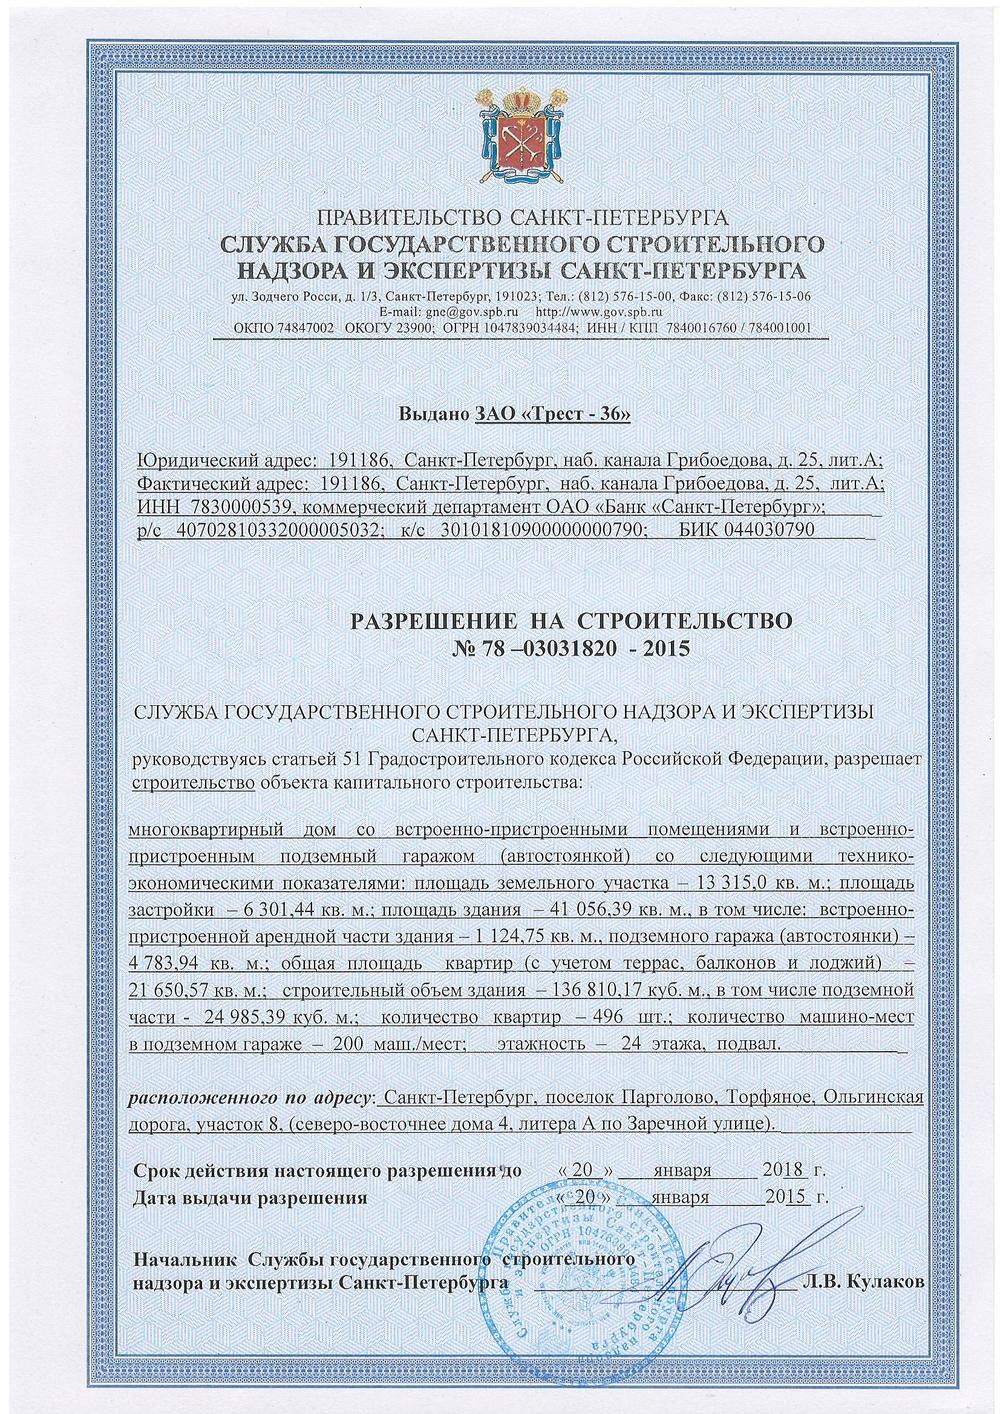 """Разрешение на строительство жк """"миллениум"""" - документы на са."""